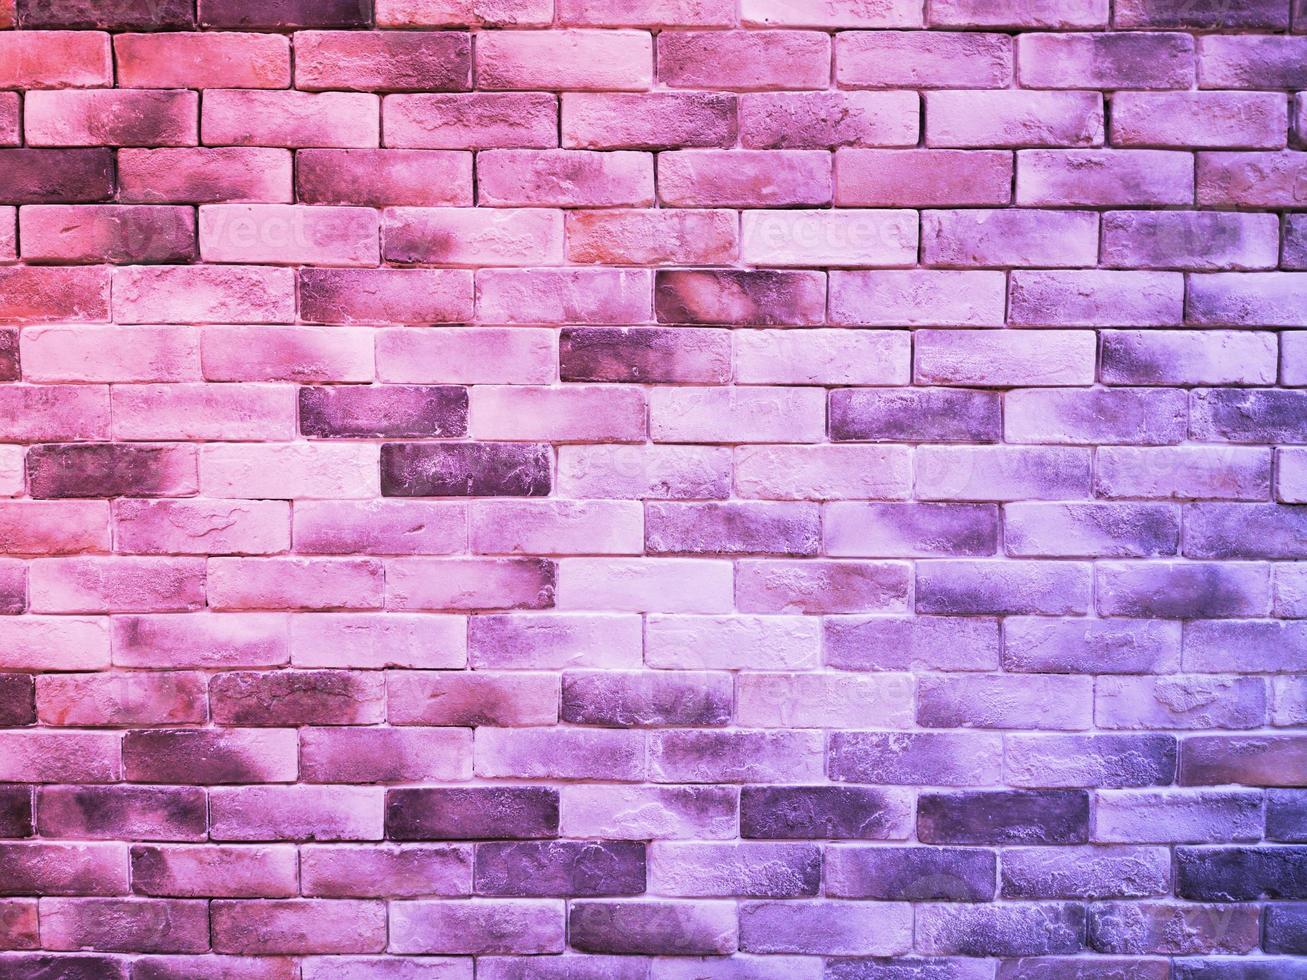 kleurrijke bakstenen muur voor achtergrond of textuur foto